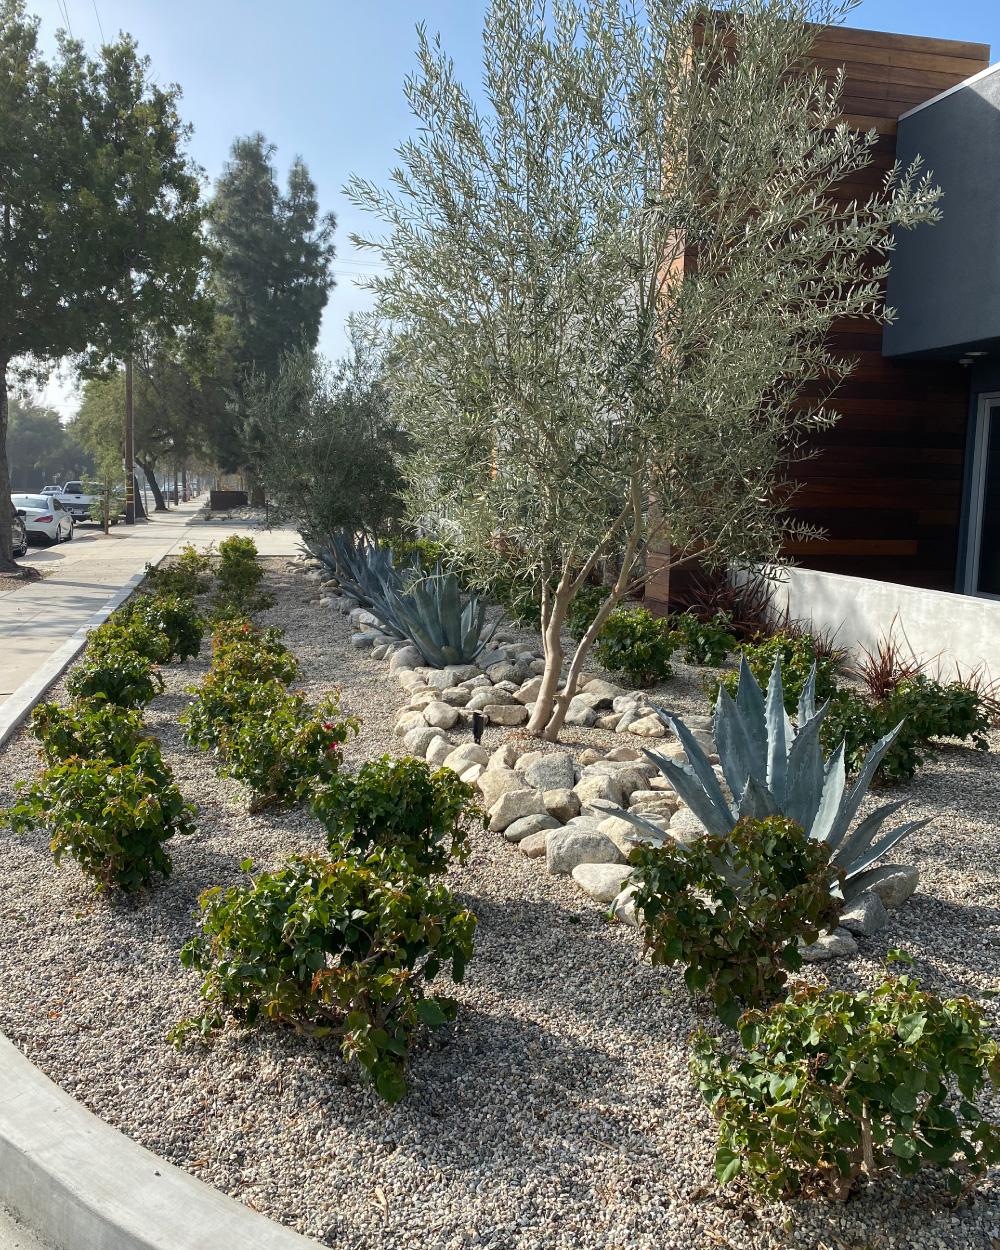 Garden design with trees an shrubs